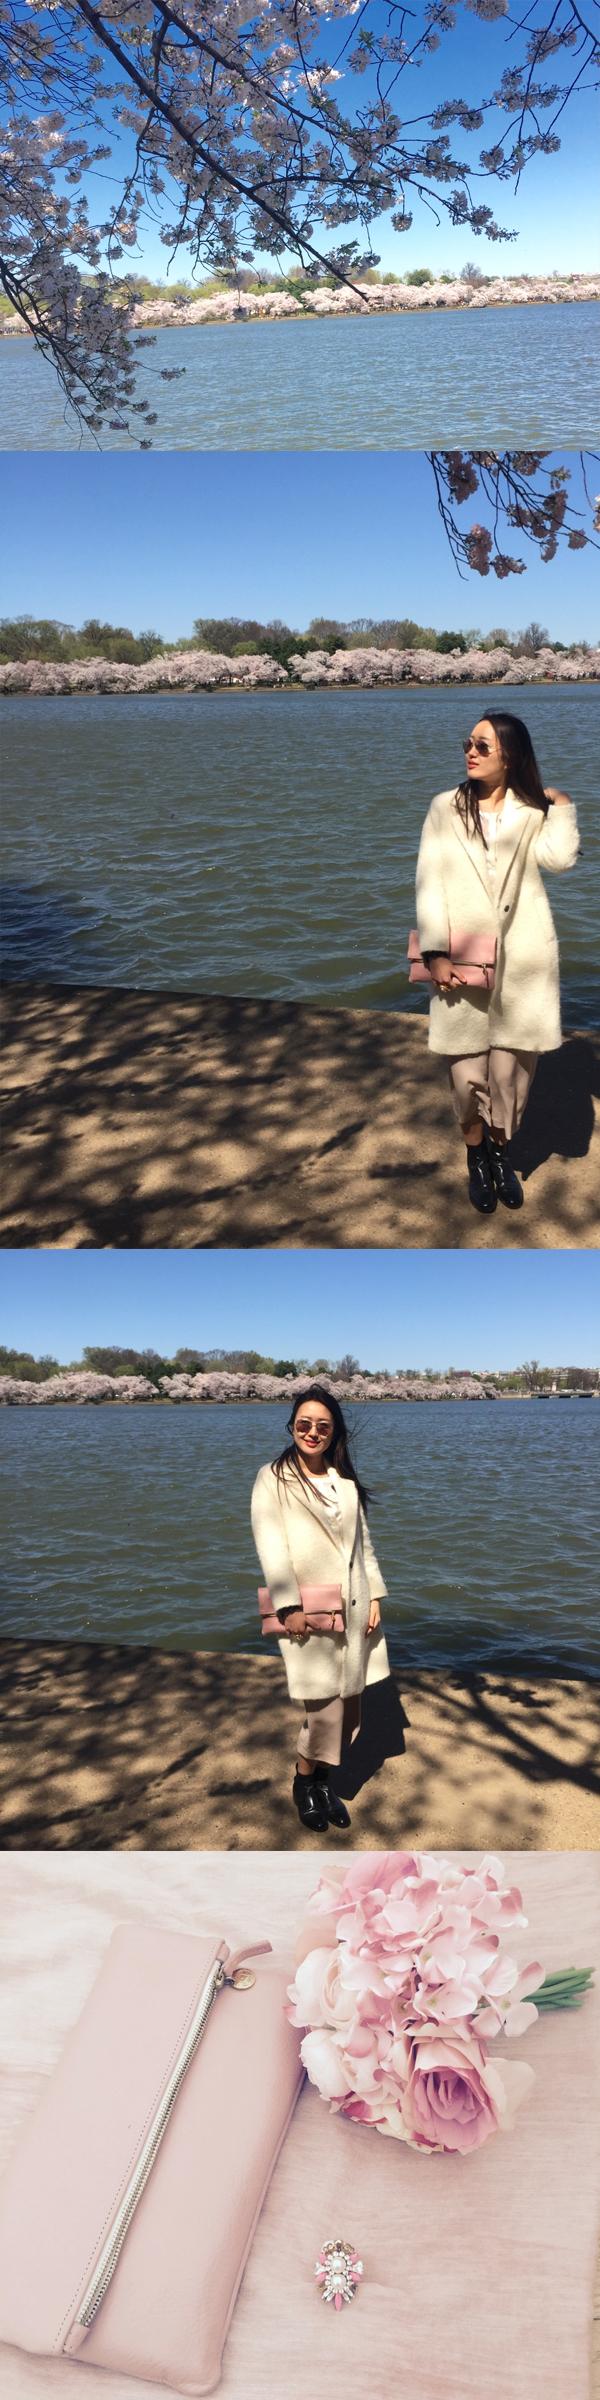 June Lemon Girl junelemongirl fashion blogger cherryblossom tidal basin cherry blossom 2016 washington dc